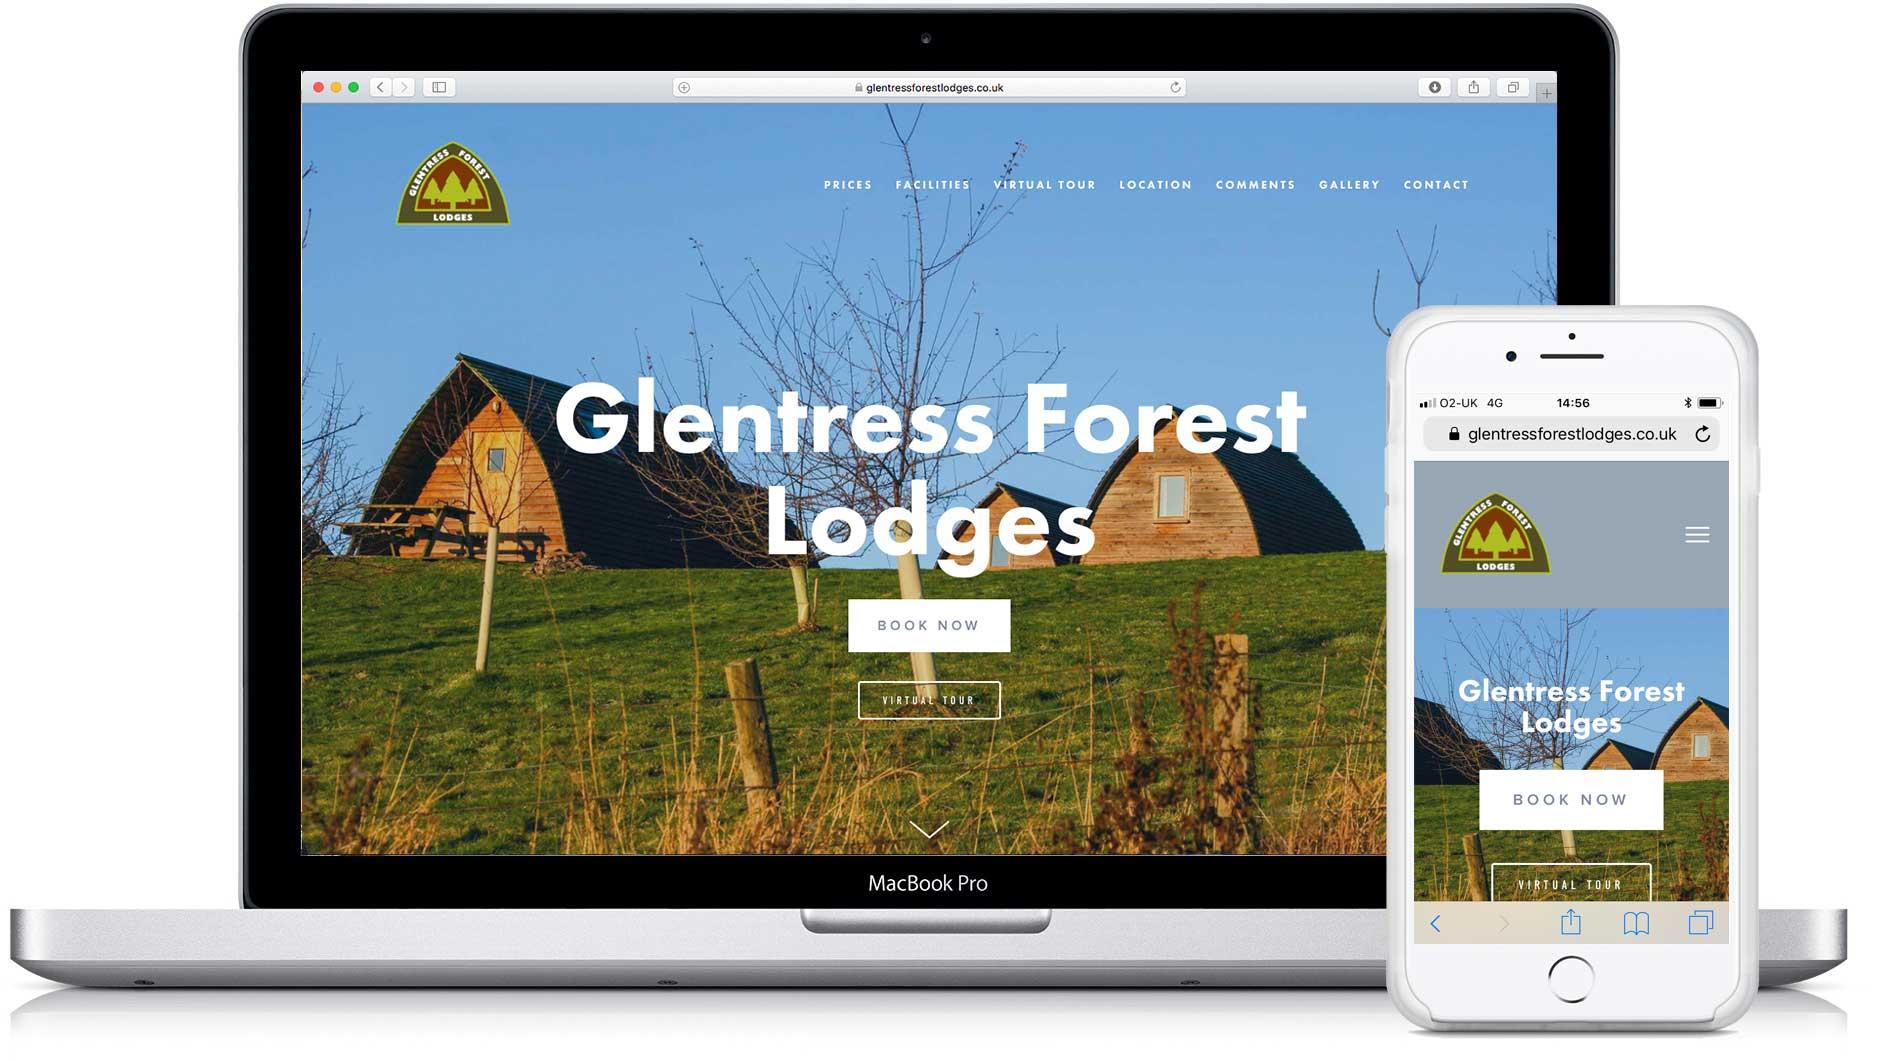 glentress_forest_lodges.jpg